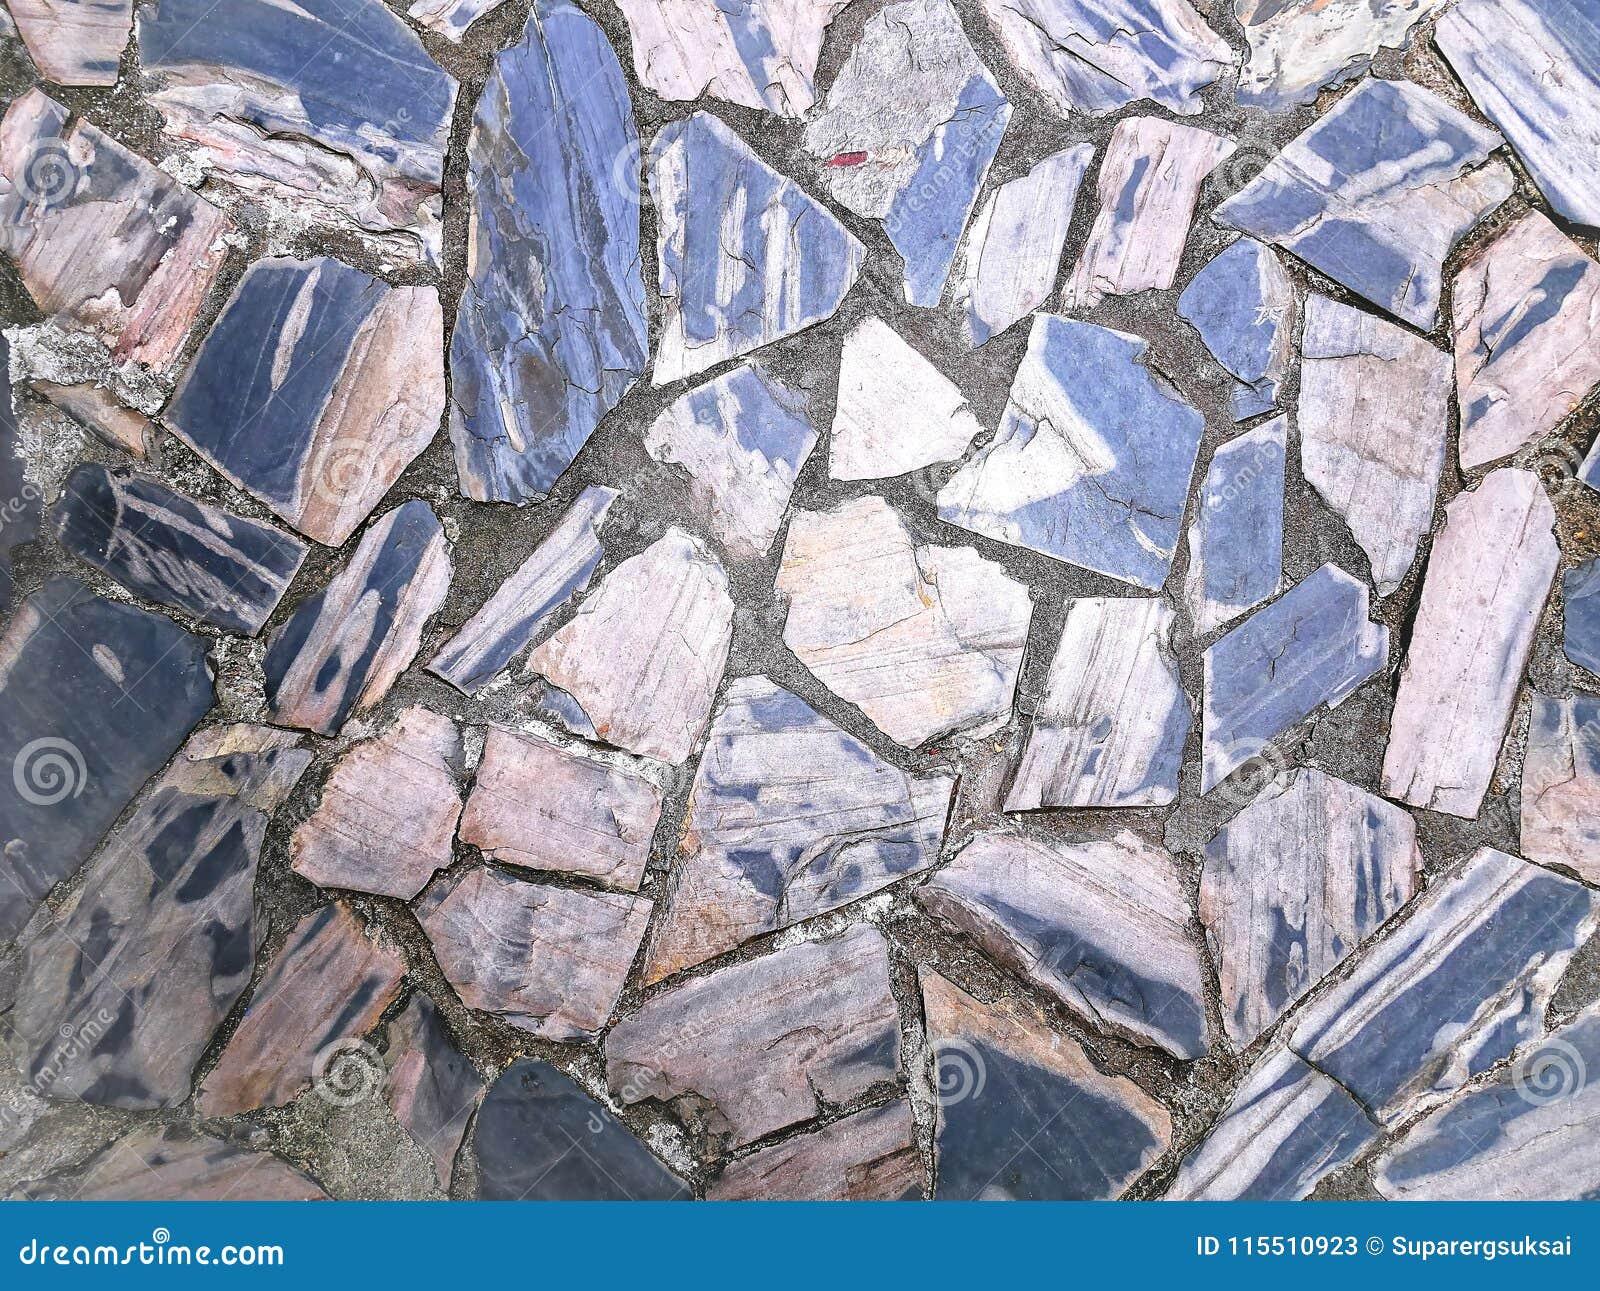 Full Frame Background of Tiled Stone Floor